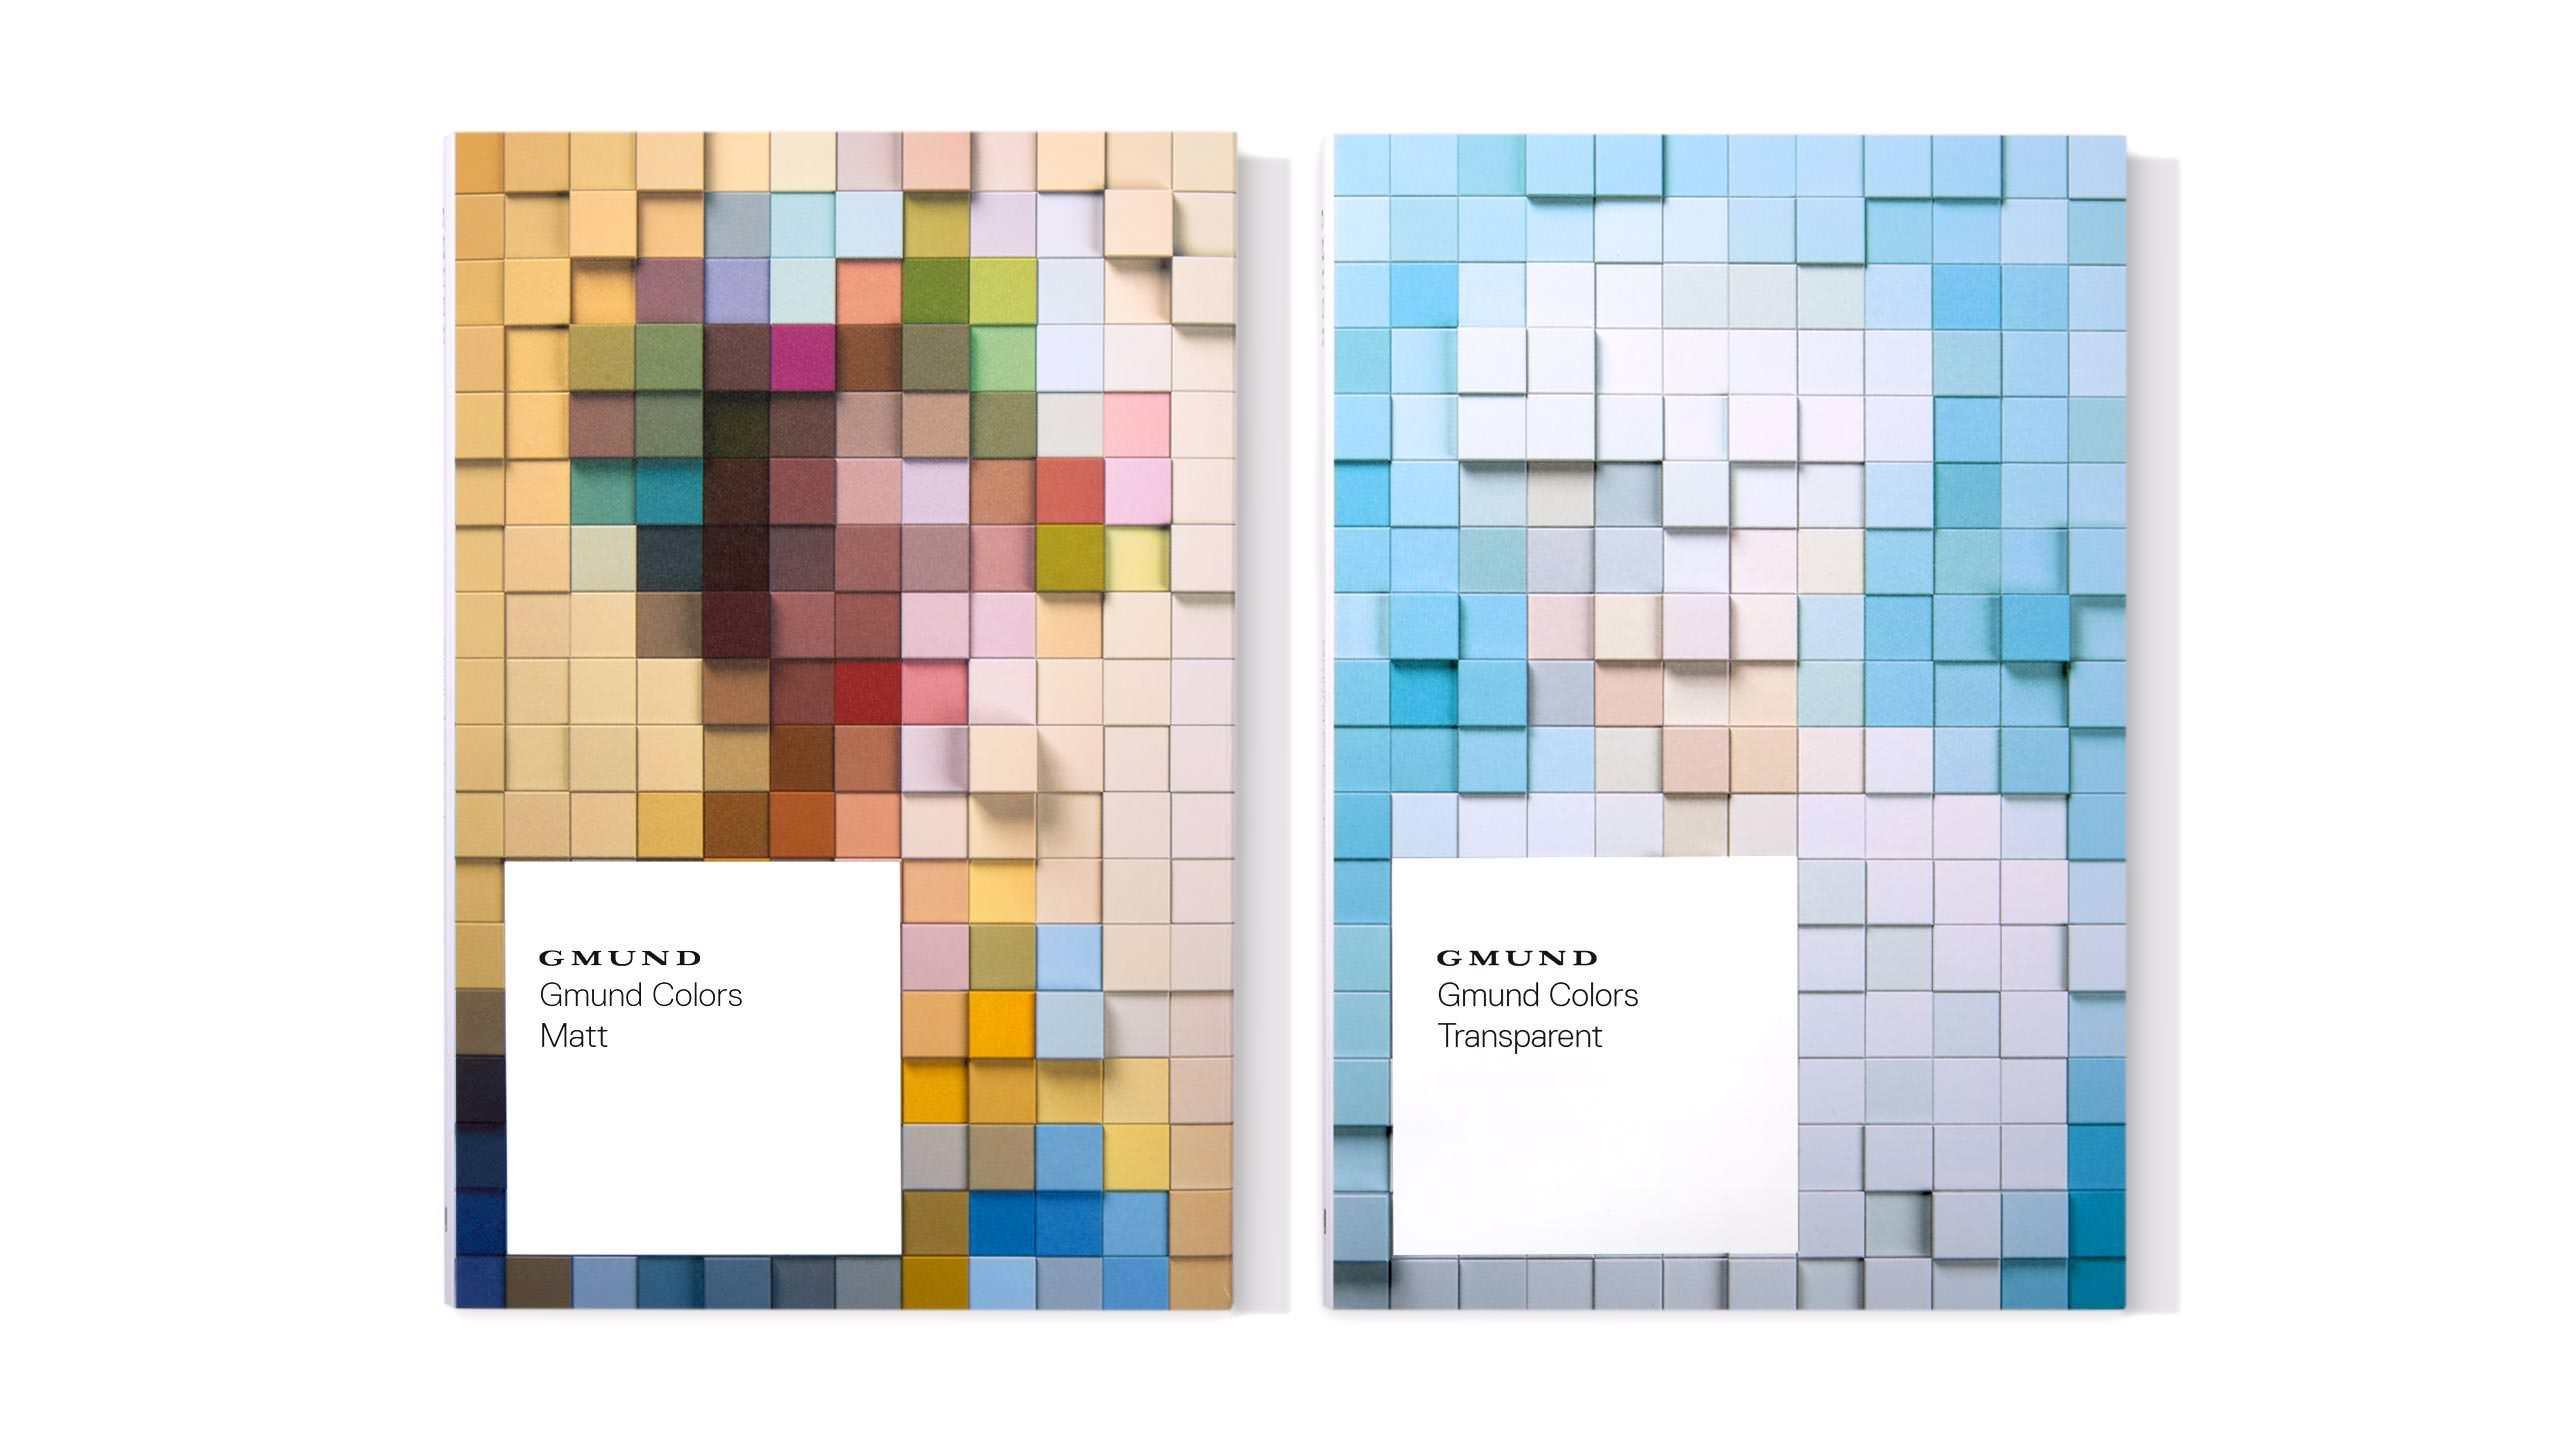 Gmund Colors Campaign - Matte transparent swatch books